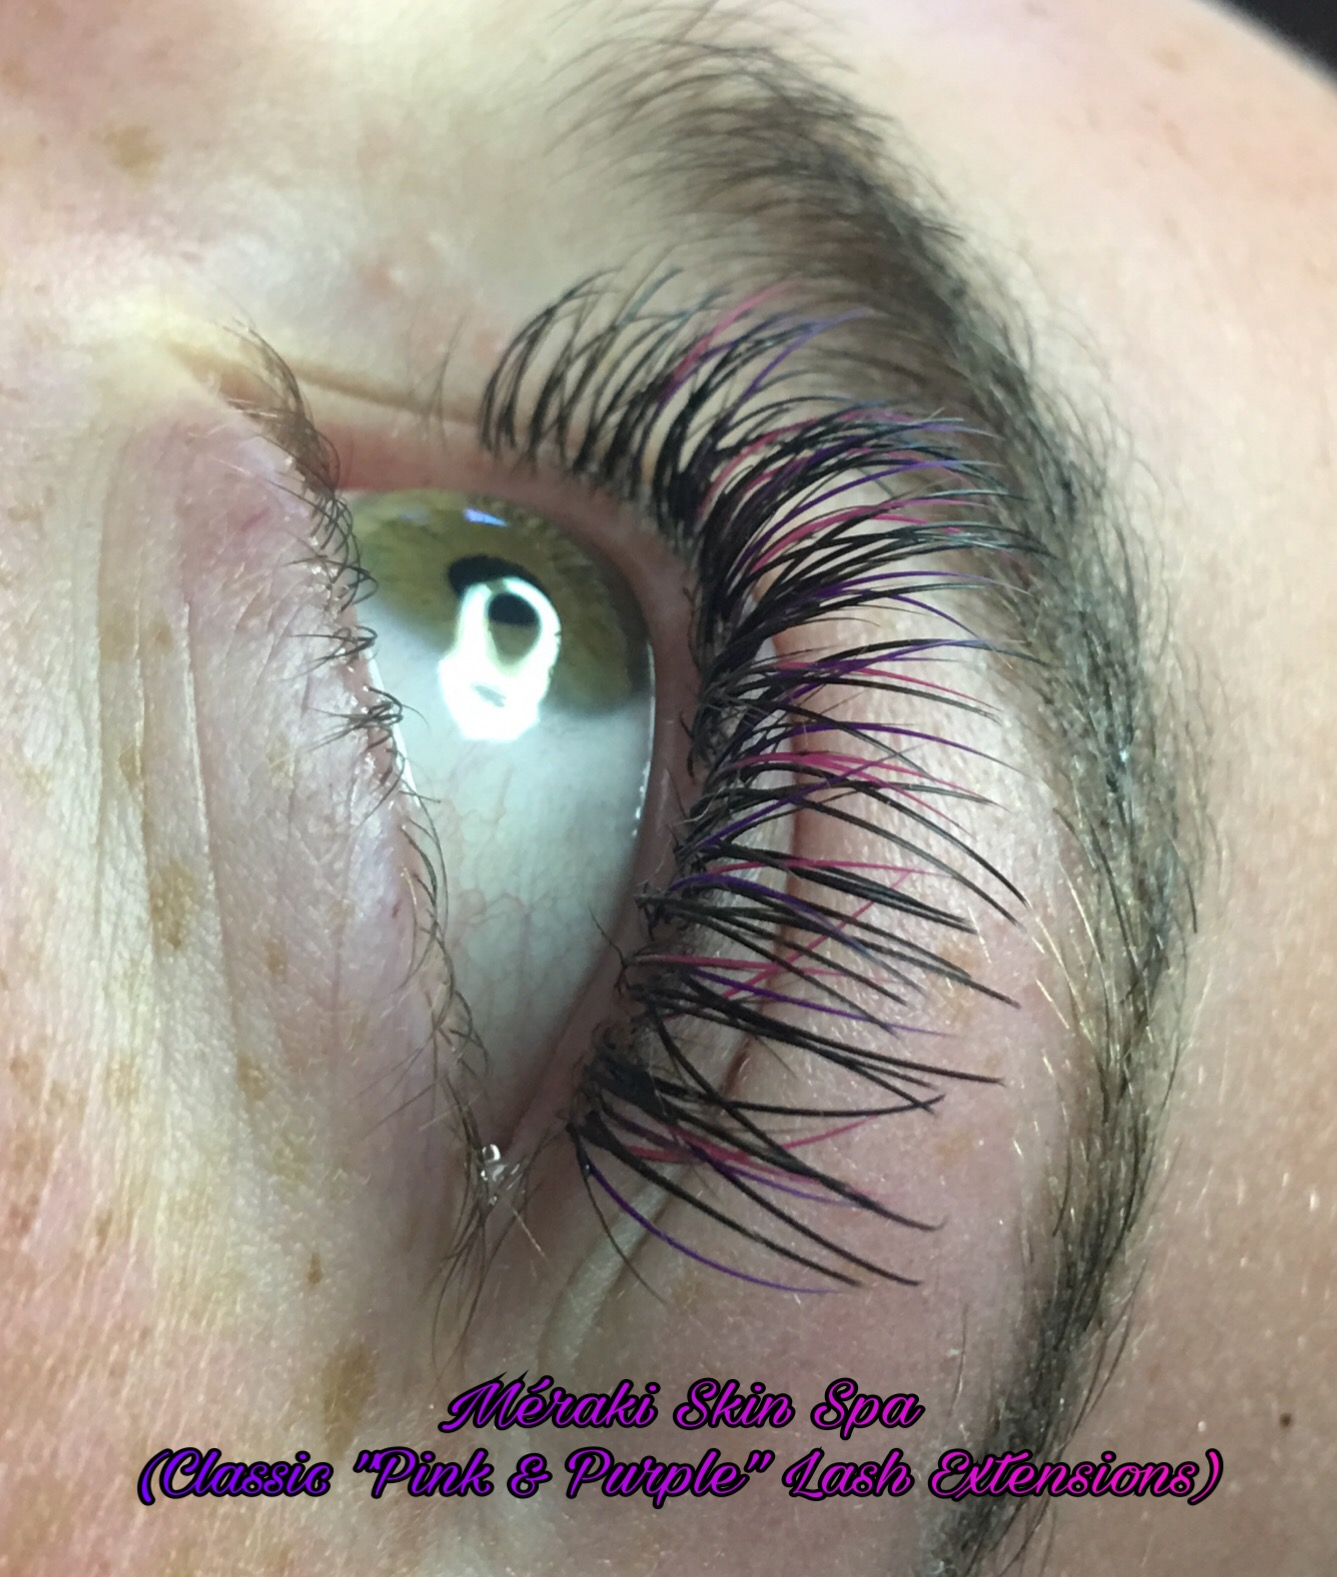 meridian Idaho classic eyelash extensions volume eyelash extensions C CURL-ROAYL-CLASSIC ALT TEXT